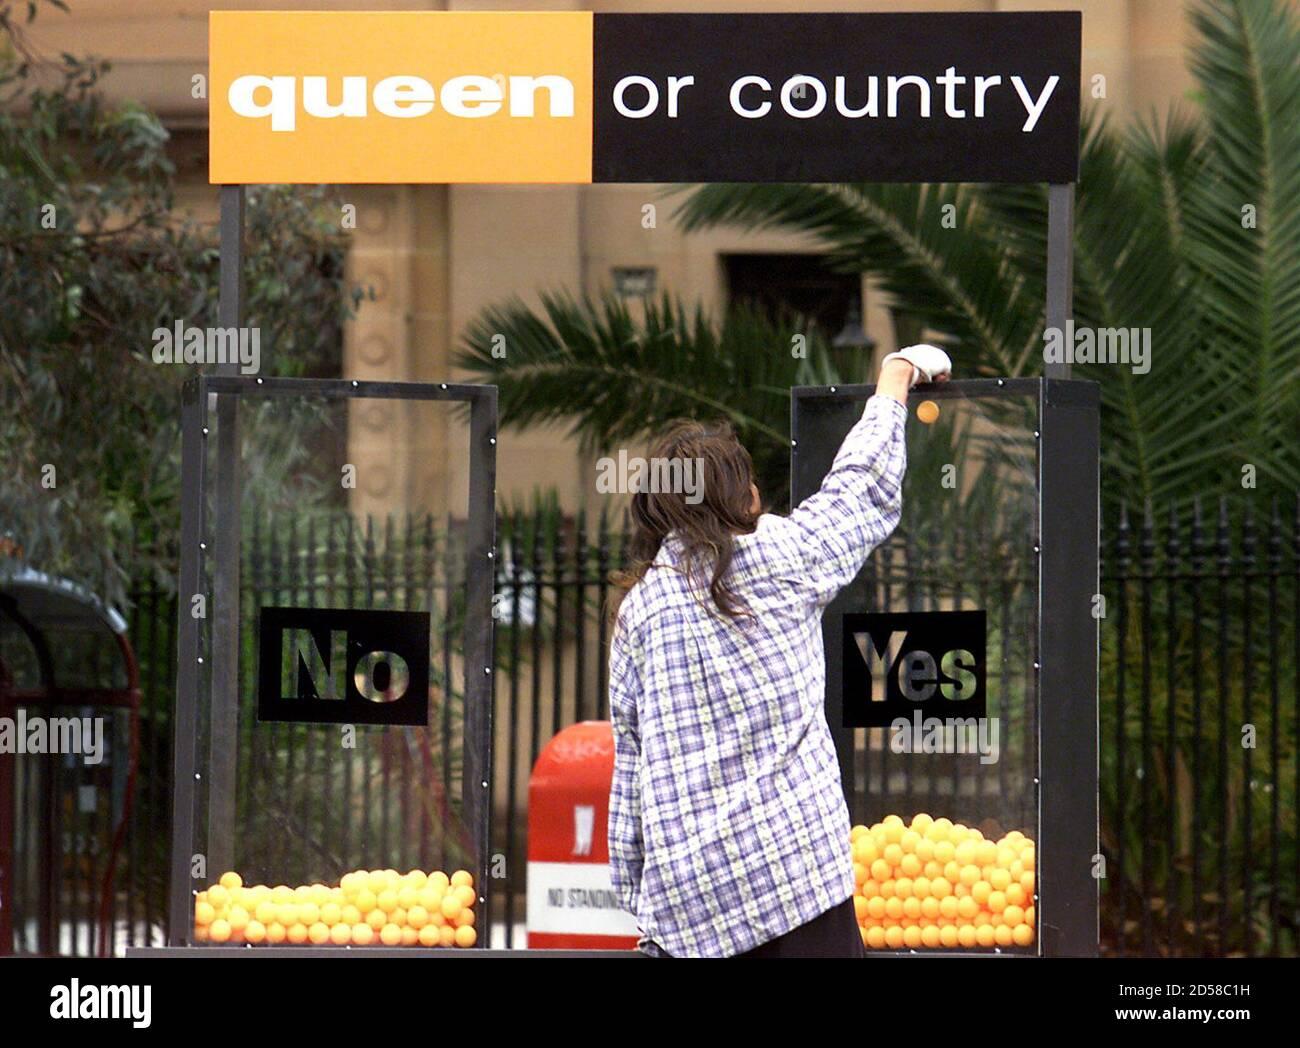 """Eine Frau wirft einen orangefarbenen Ping-Pong-Ball in eine Kiste mit der Aufschrift """"Ja"""", die Teil einer Straßenumfrage in Sydney am 1. November ist, die darauf hinweist, dass sie am Samstag für eine australische republik stimmen und die verfassungsmäßigen Beziehungen zu Großbritannien abschneiden will. Meinungsumfragen der letzten Monate zeigen jedoch immer noch, dass Republikaner wahrscheinlich nicht die historische Wahl gewinnen werden, um die britische Königin Elizabeth, Australiens konstitutionelle Monarchin, durch einen australischen Präsidenten zu ersetzen. DG/TAN Stockfoto"""